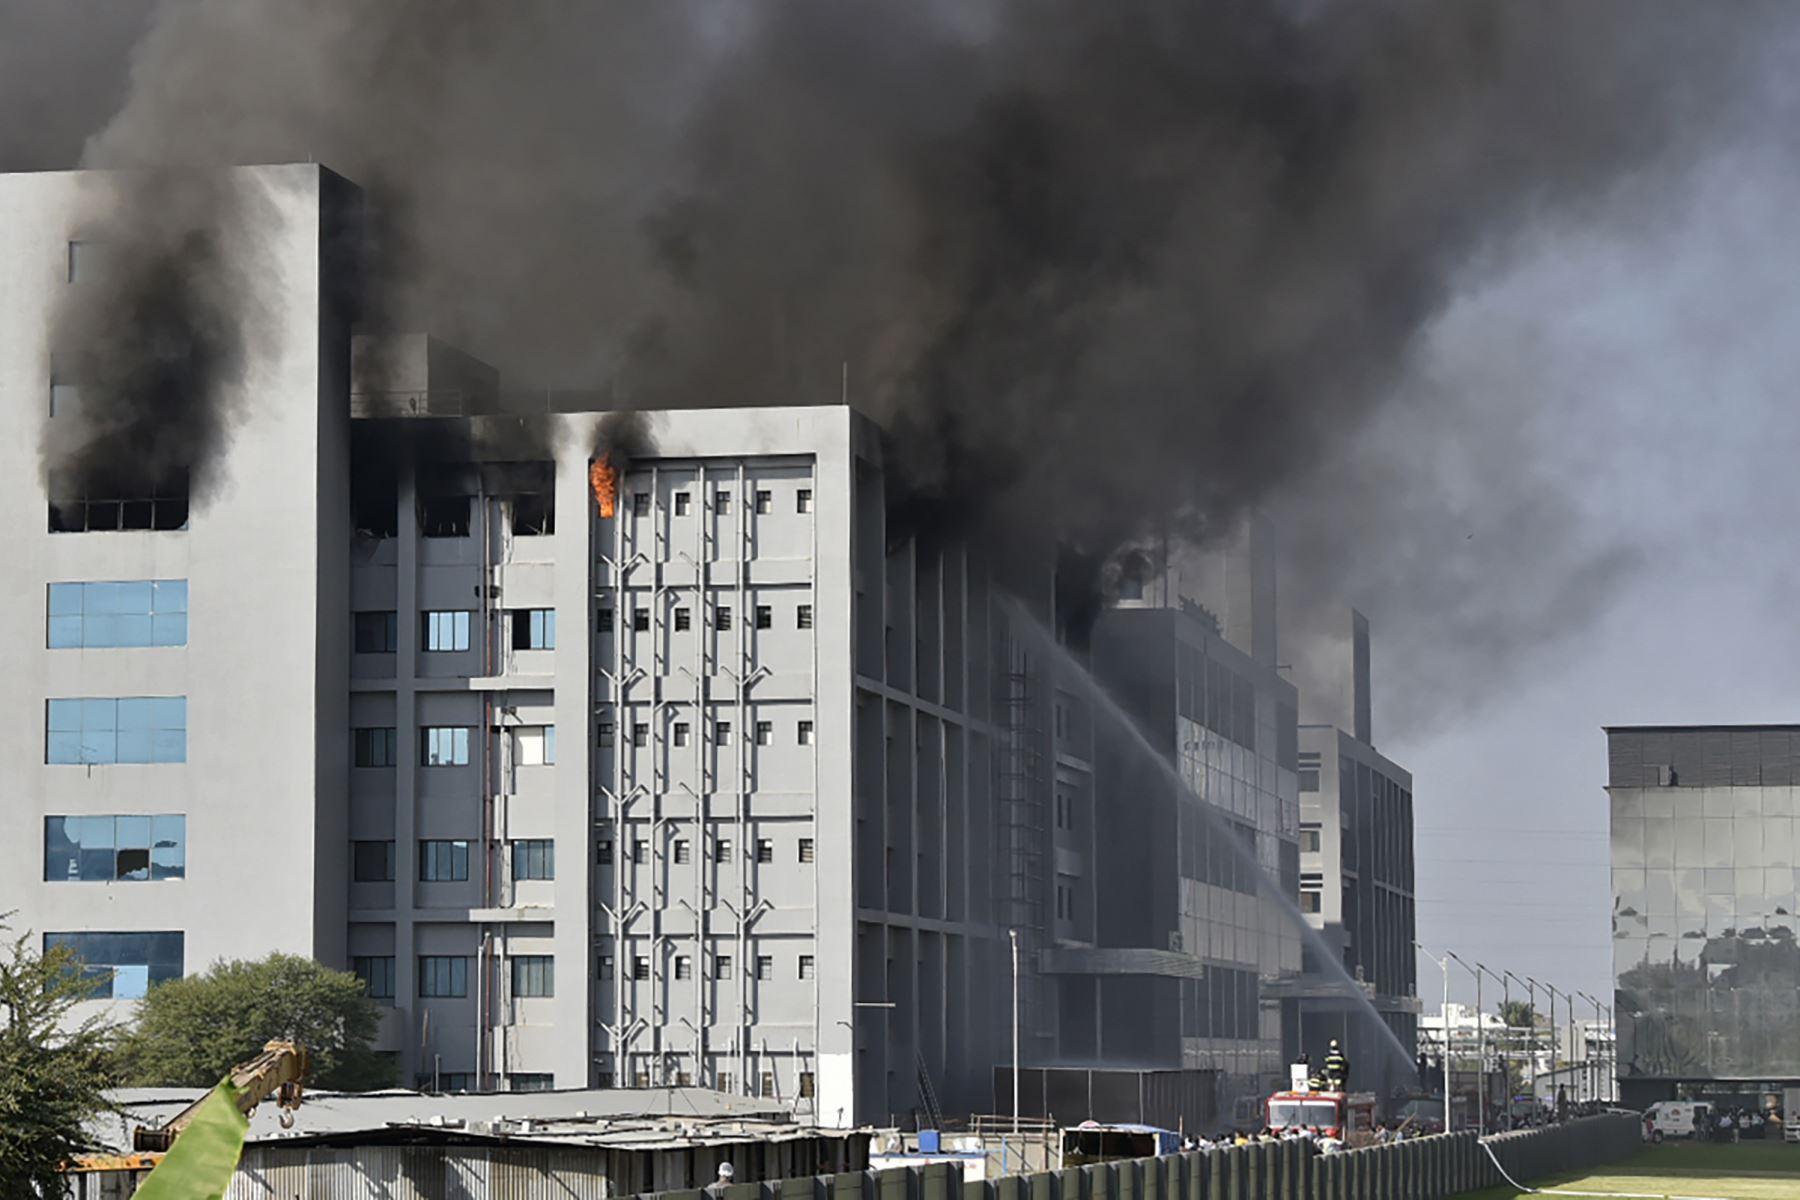 Los bomberos intentan controlar un incendio que se desató  en el Serum Institute de India, el mayor fabricante de vacunas del mundo, mostraron imágenes de televisión local, pero los medios informaron que la producción de la vacuna contra el coronavirus no se vio afectada. Foto: AFP